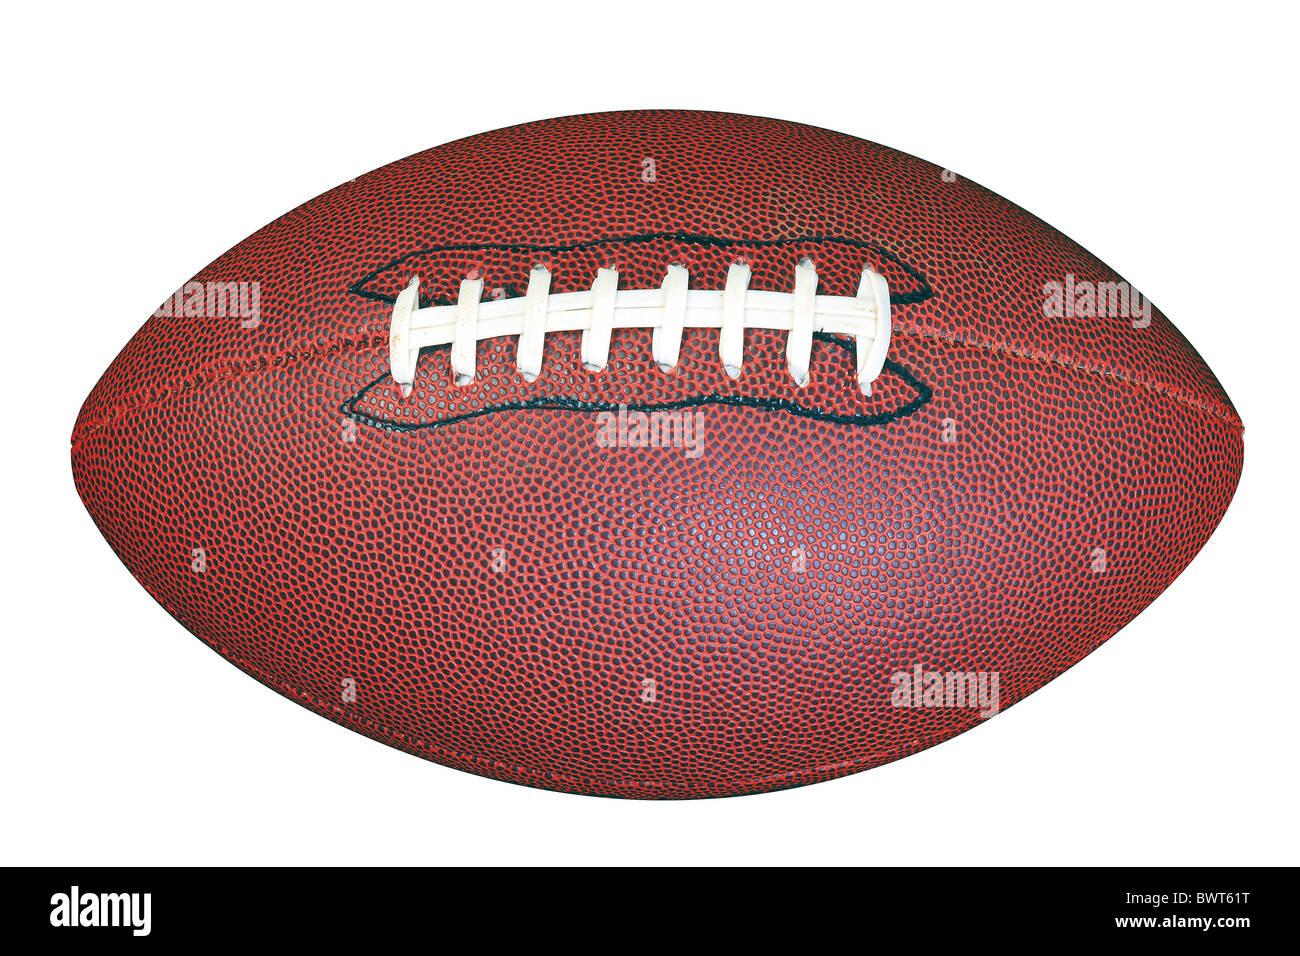 Un american football isolato su sfondo bianco con percorso di clipping fatto utilizzando lo strumento penna. Immagini Stock